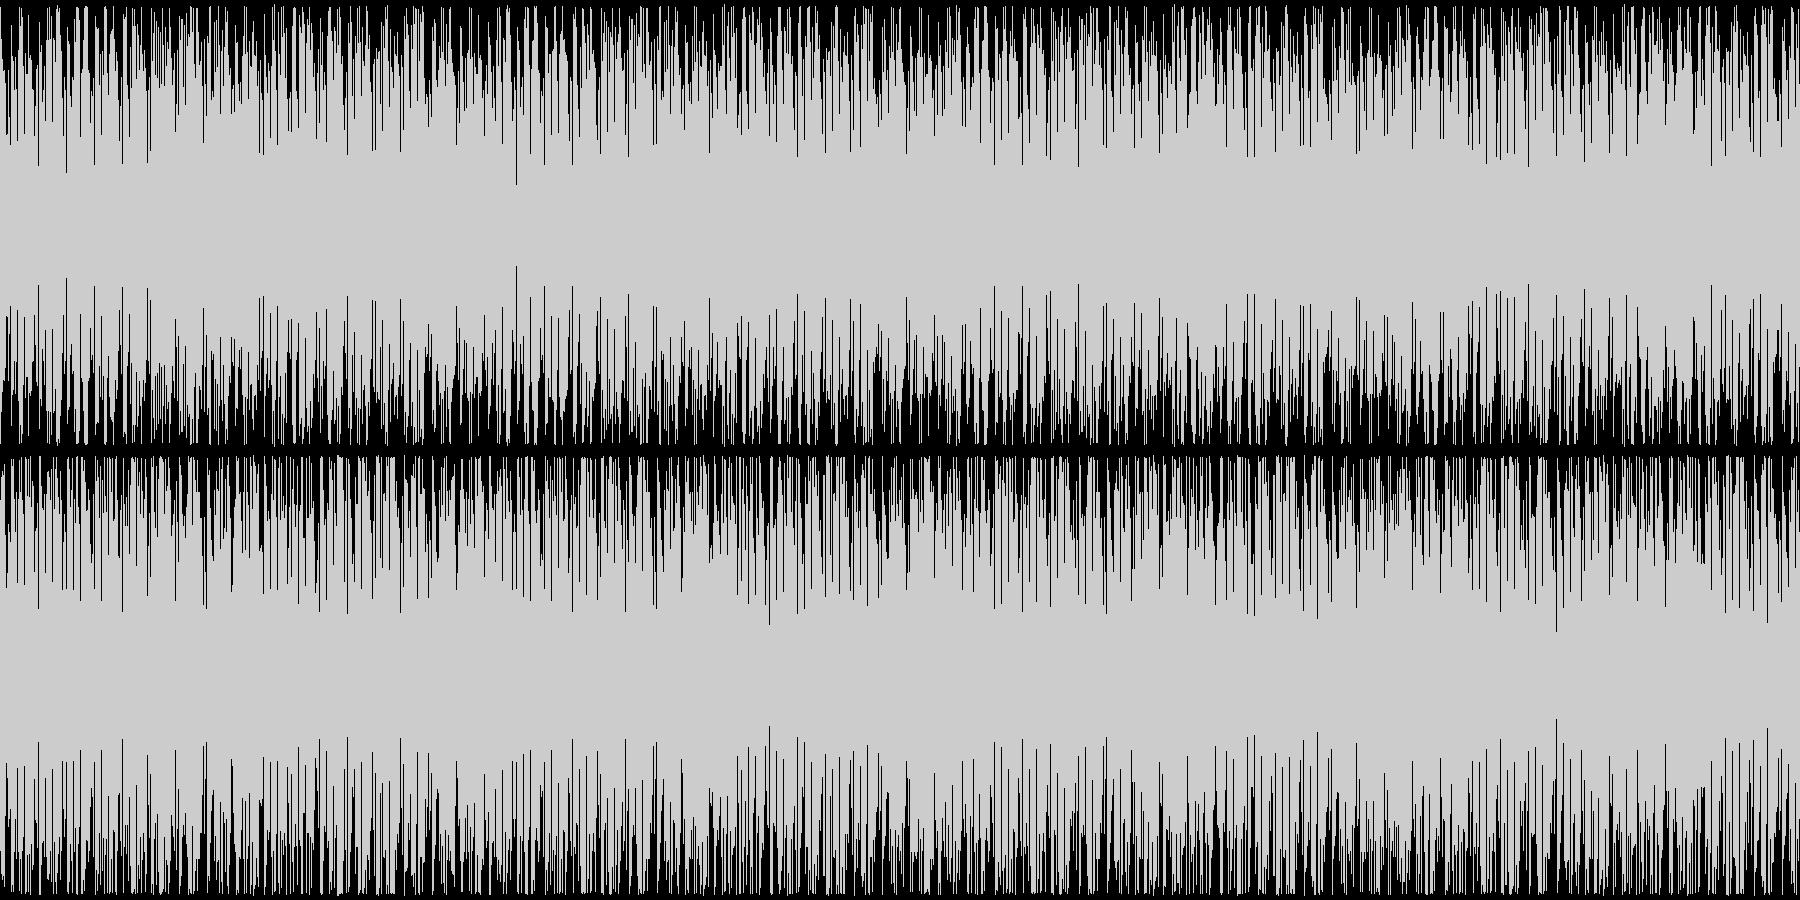 【出陣・ブリーフィングクラシカル】の未再生の波形